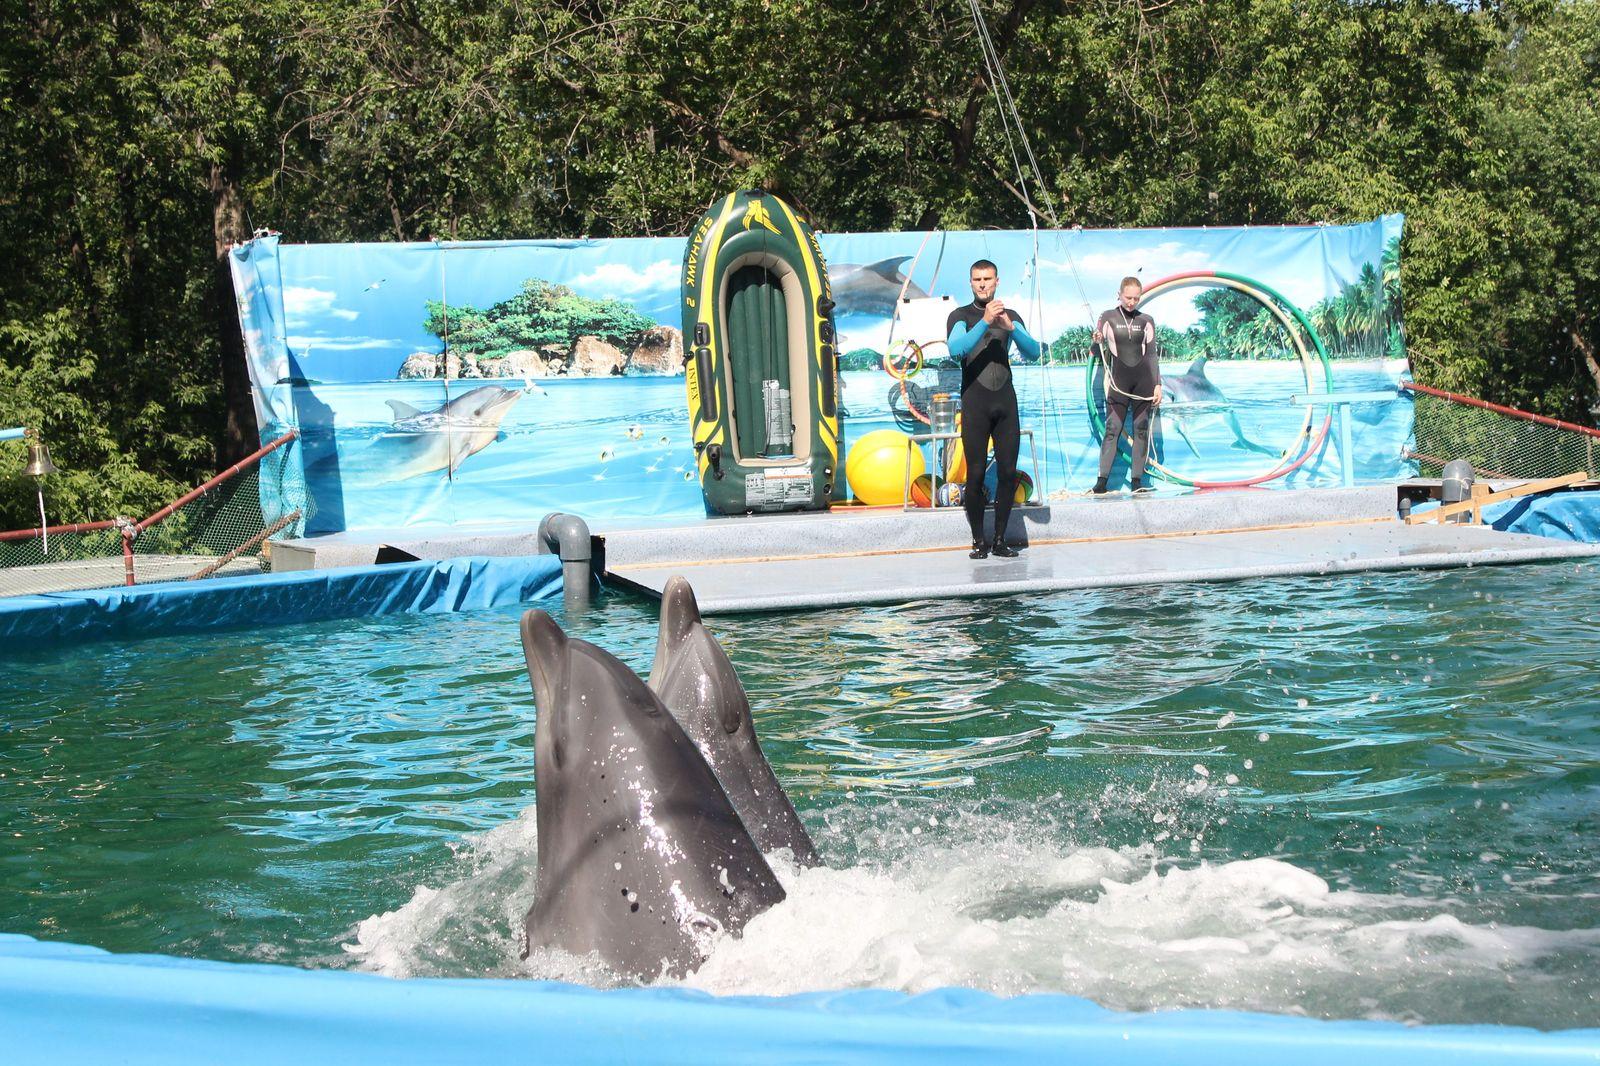 Фотоотчет с открытия дельфинария в Нижнем Новгороде